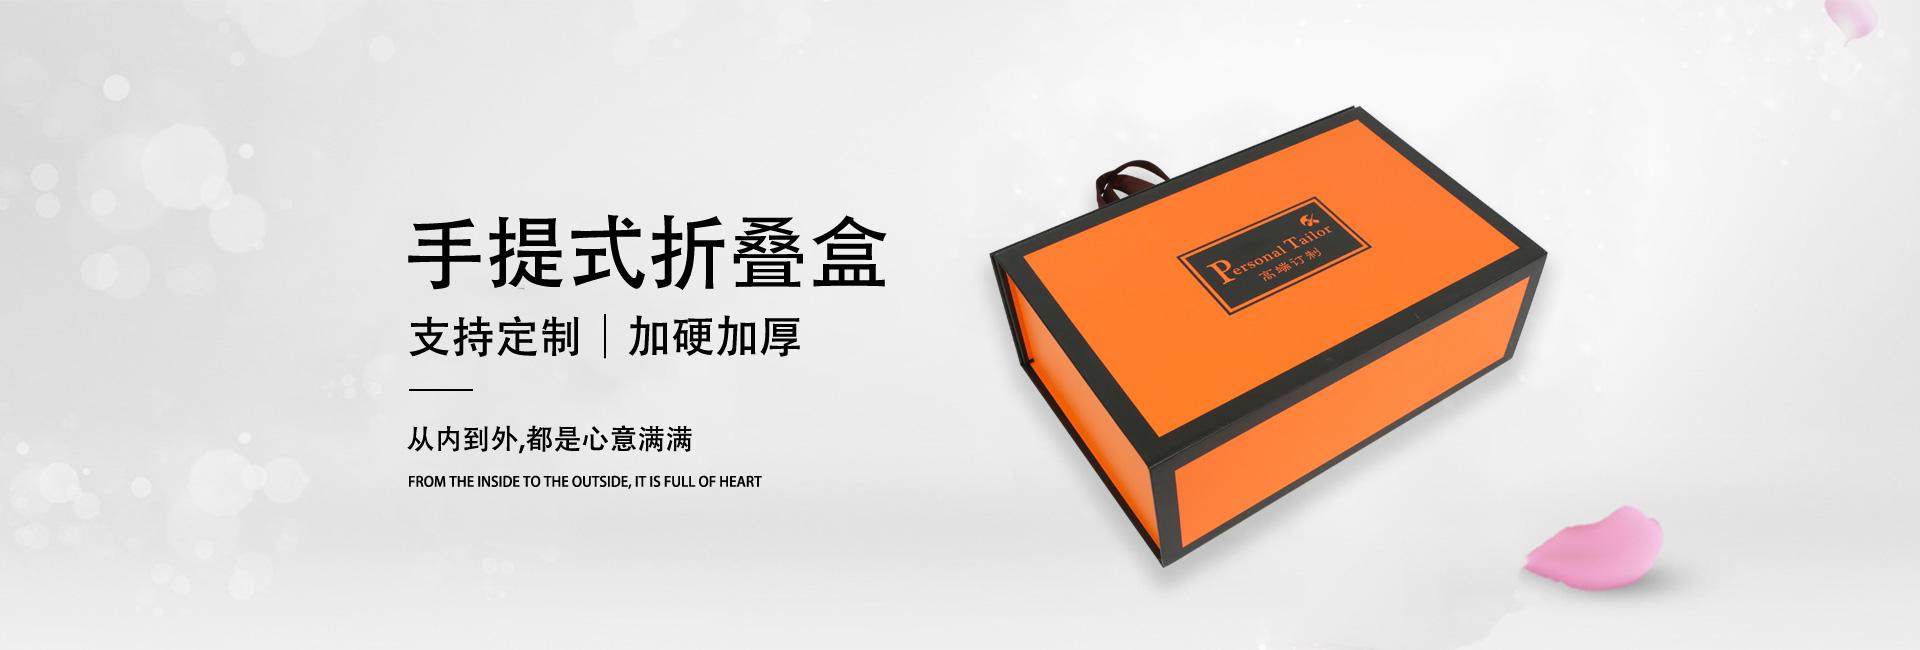 高品质礼品盒印刷服务商